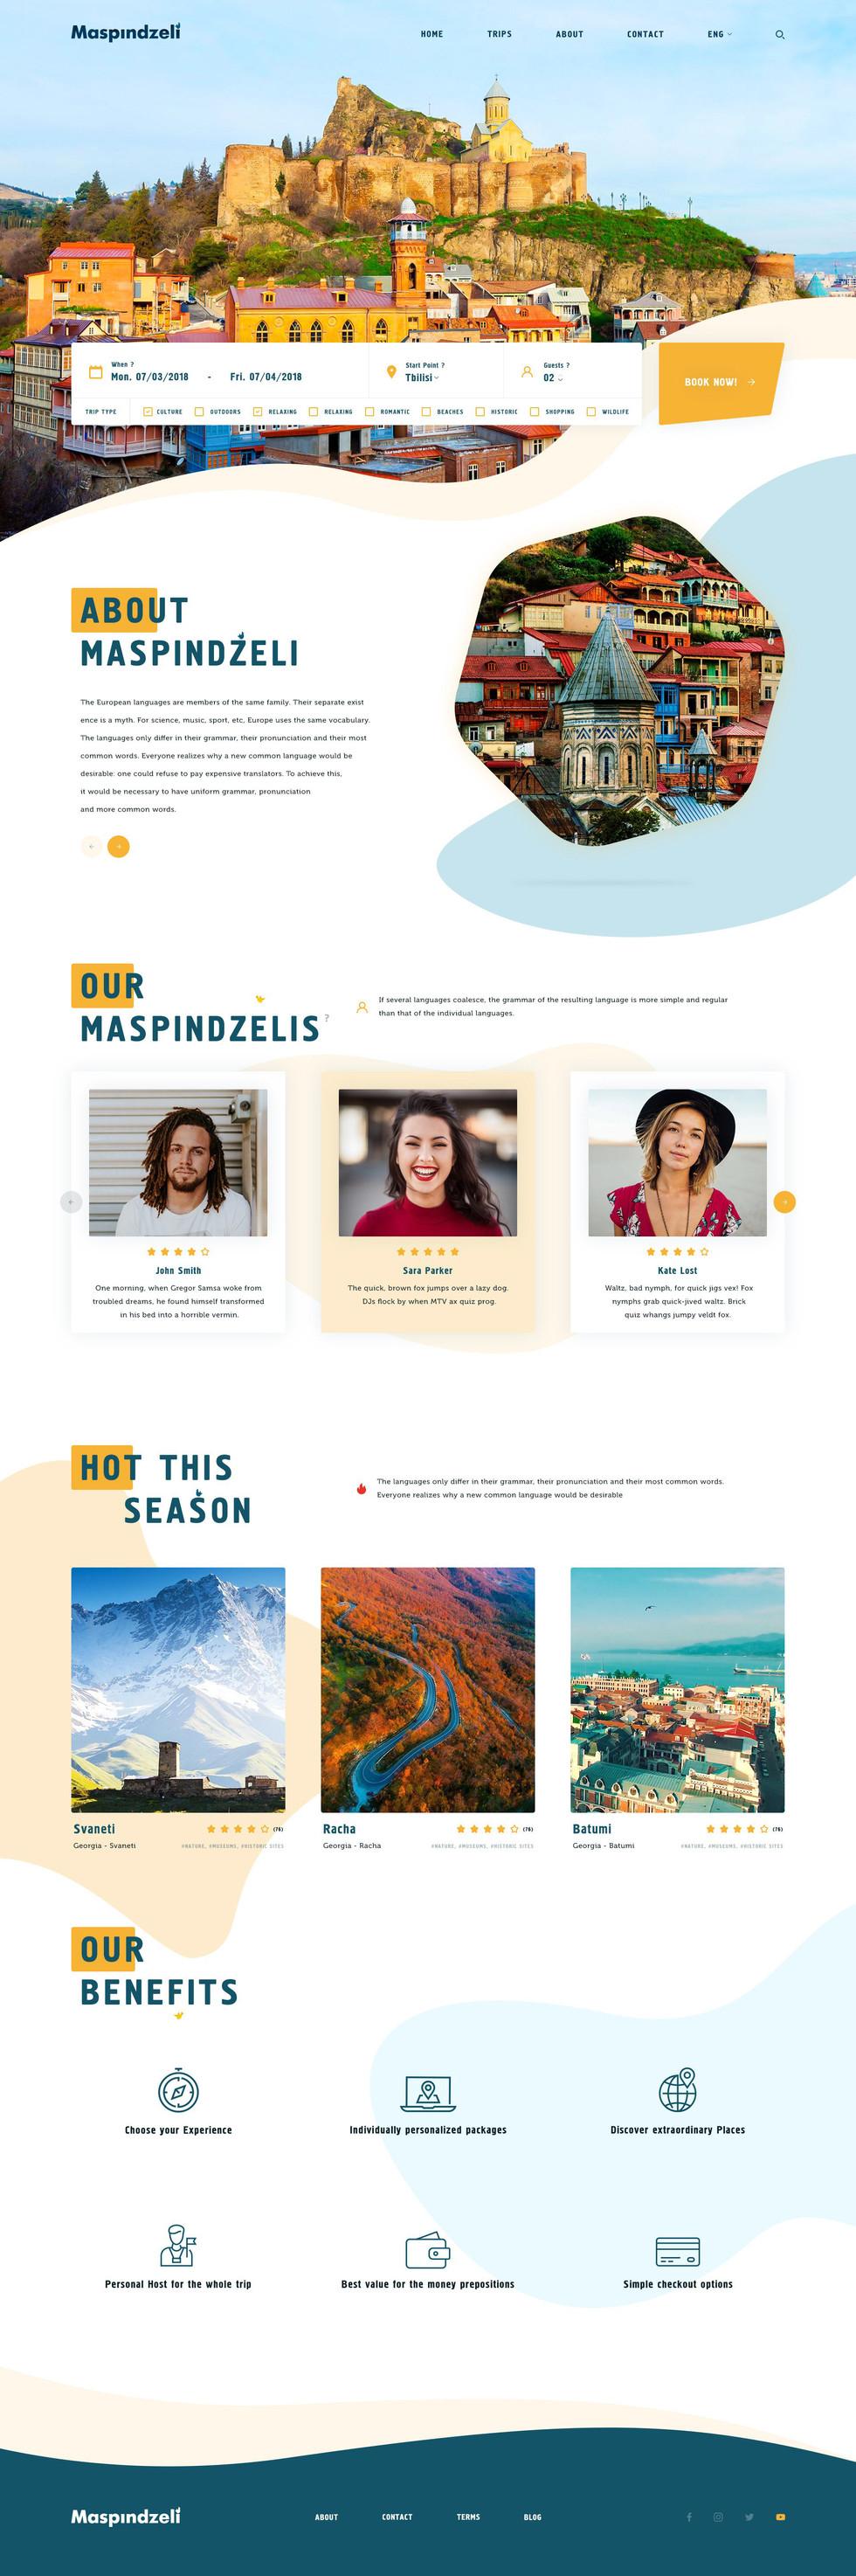 Maspindzeli website design